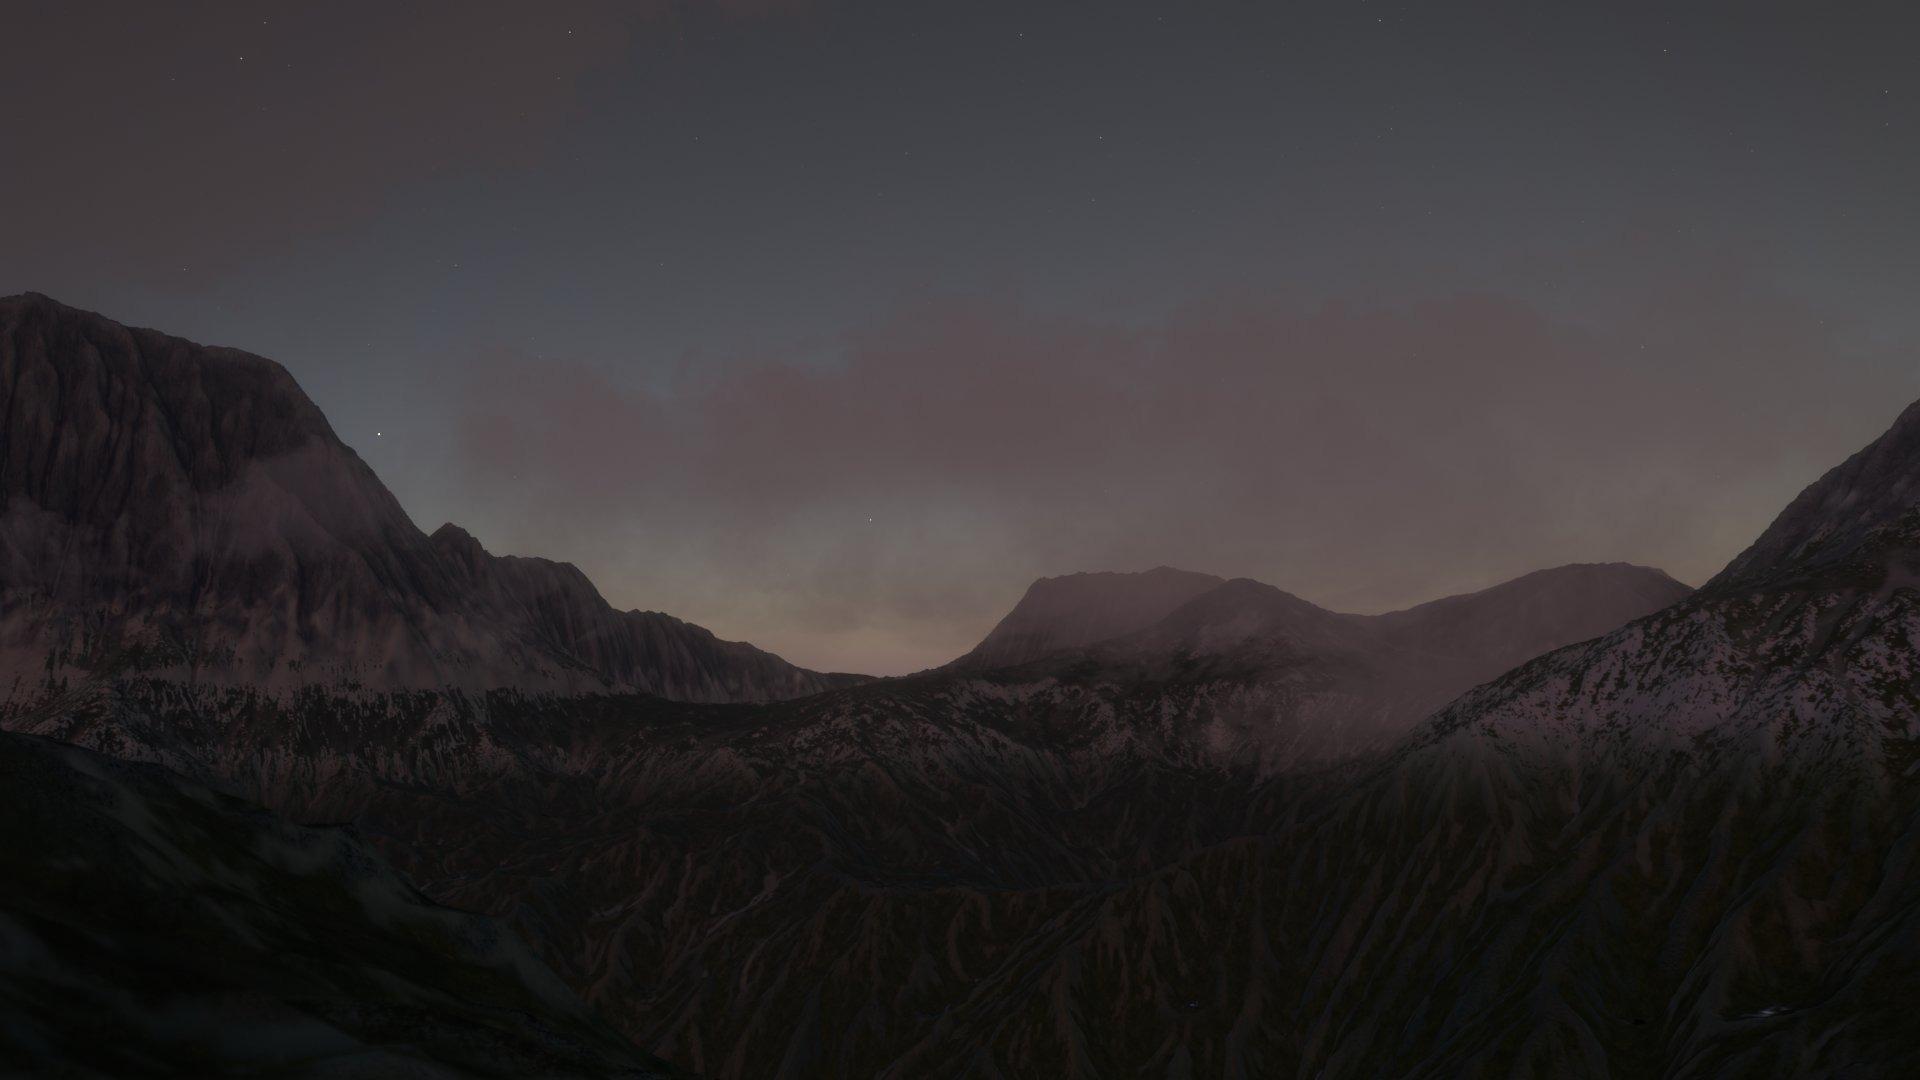 terrain1-copy